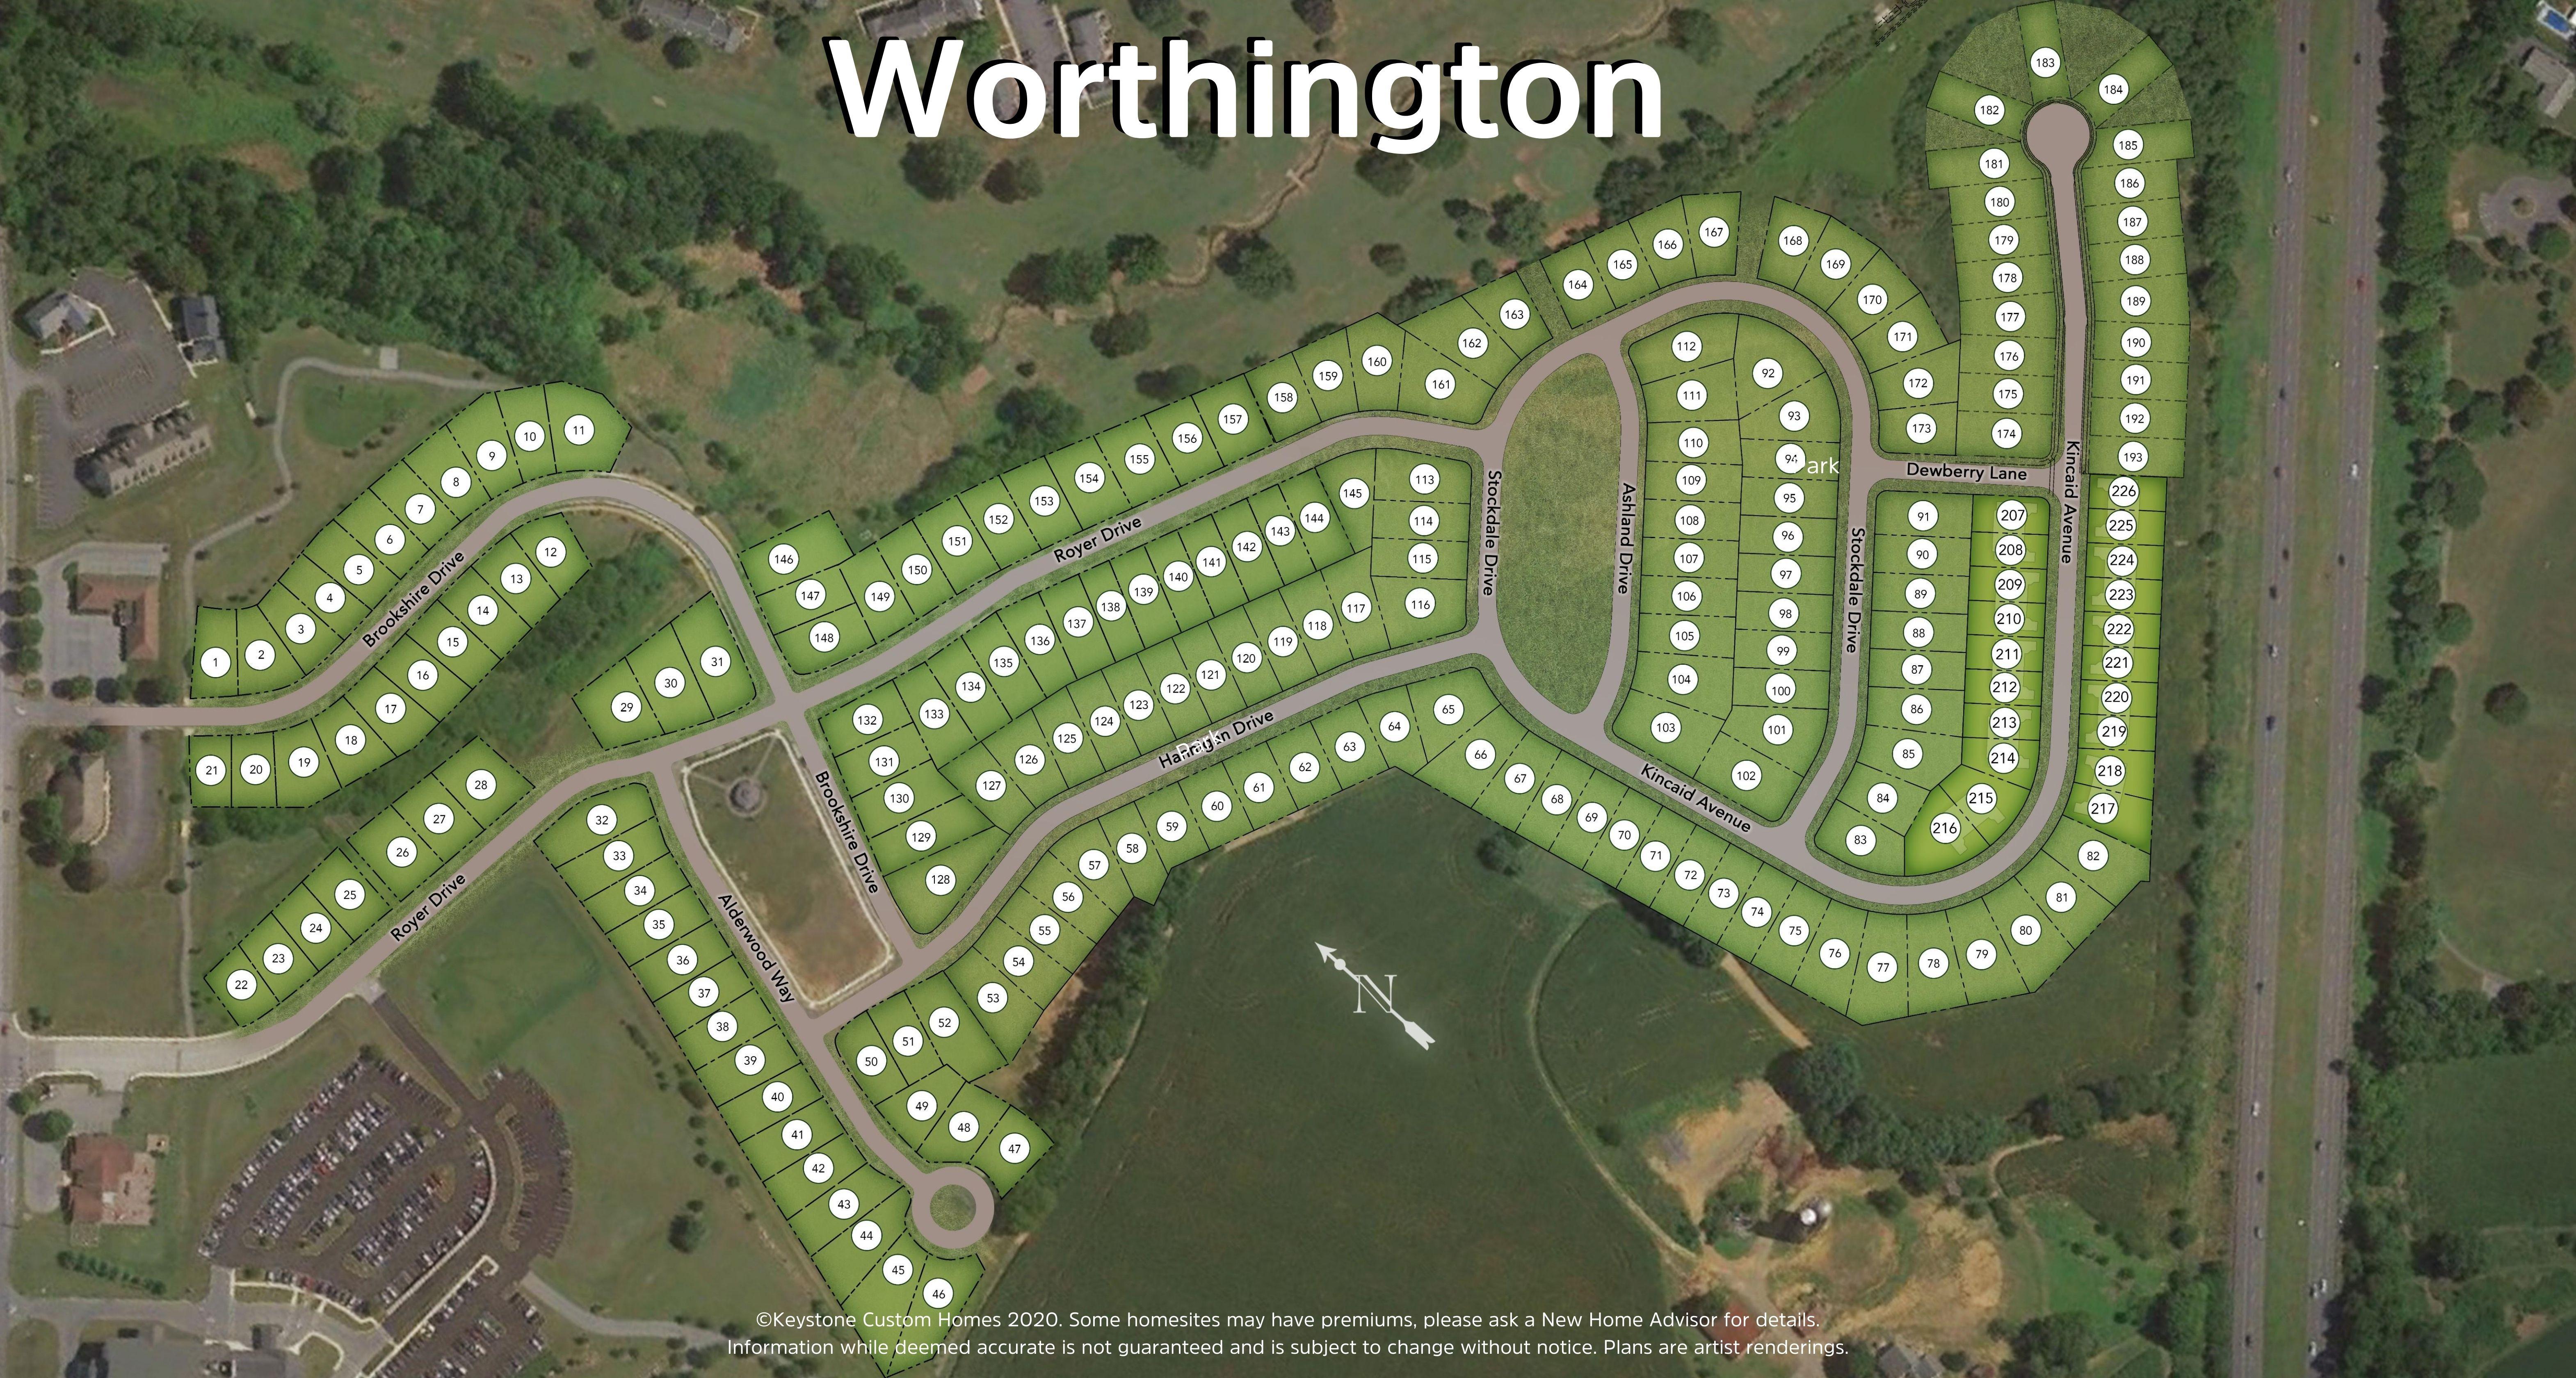 Worthington Lot Map Background